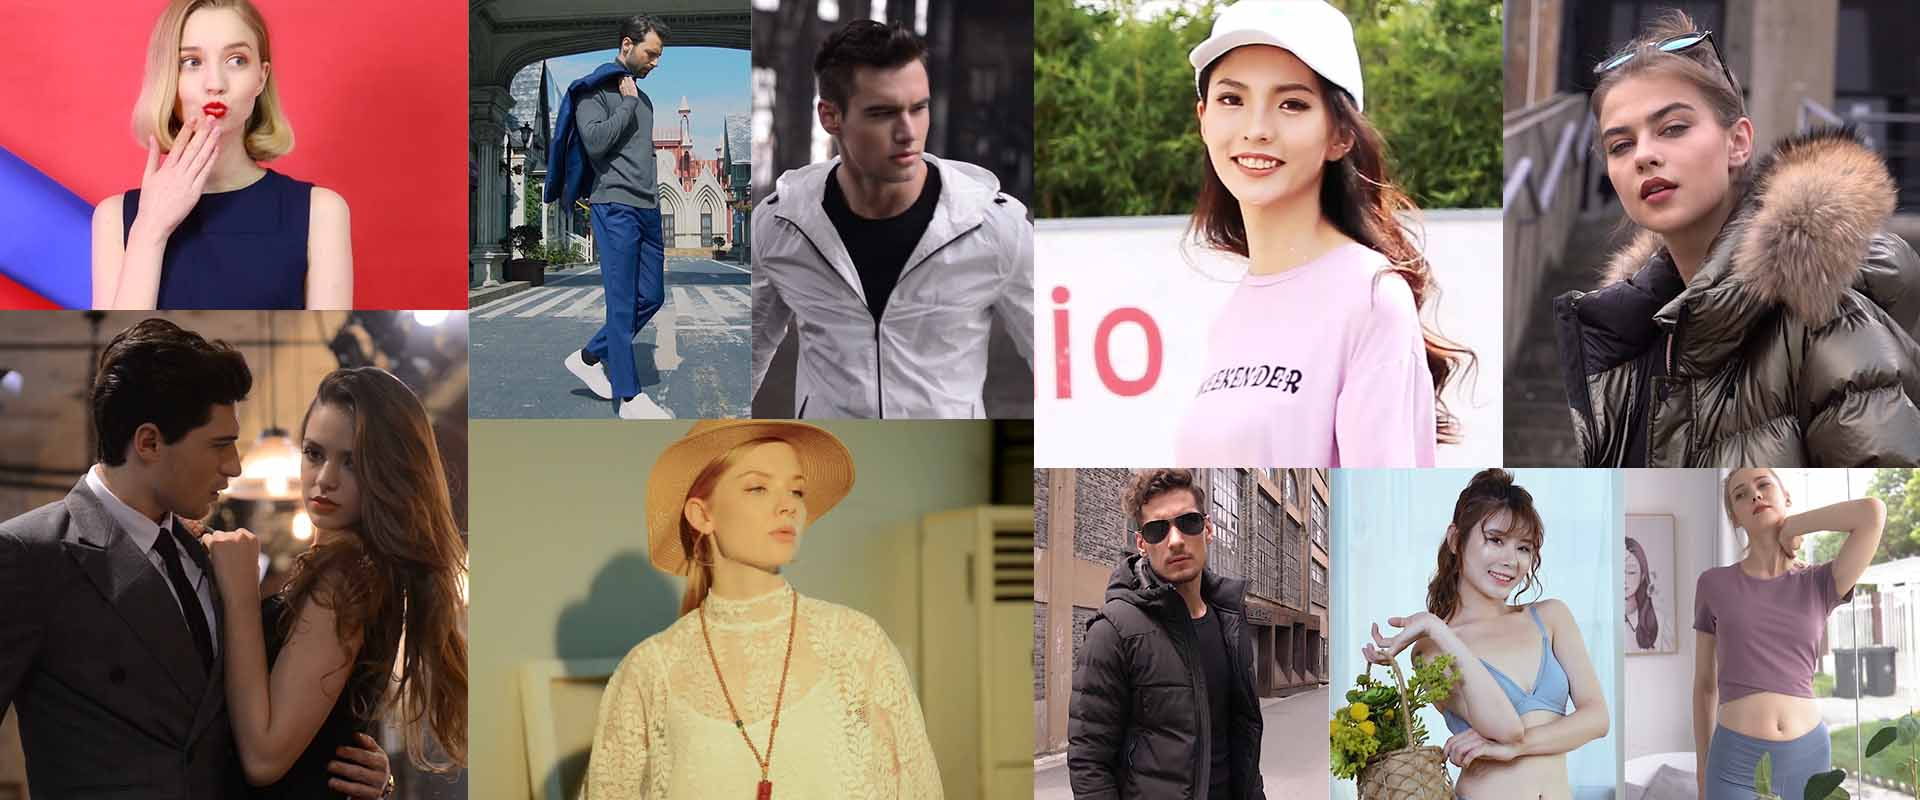 盐城淘宝淘宝视频拍摄专业团队在线服务 上海勇创摄影服务供应